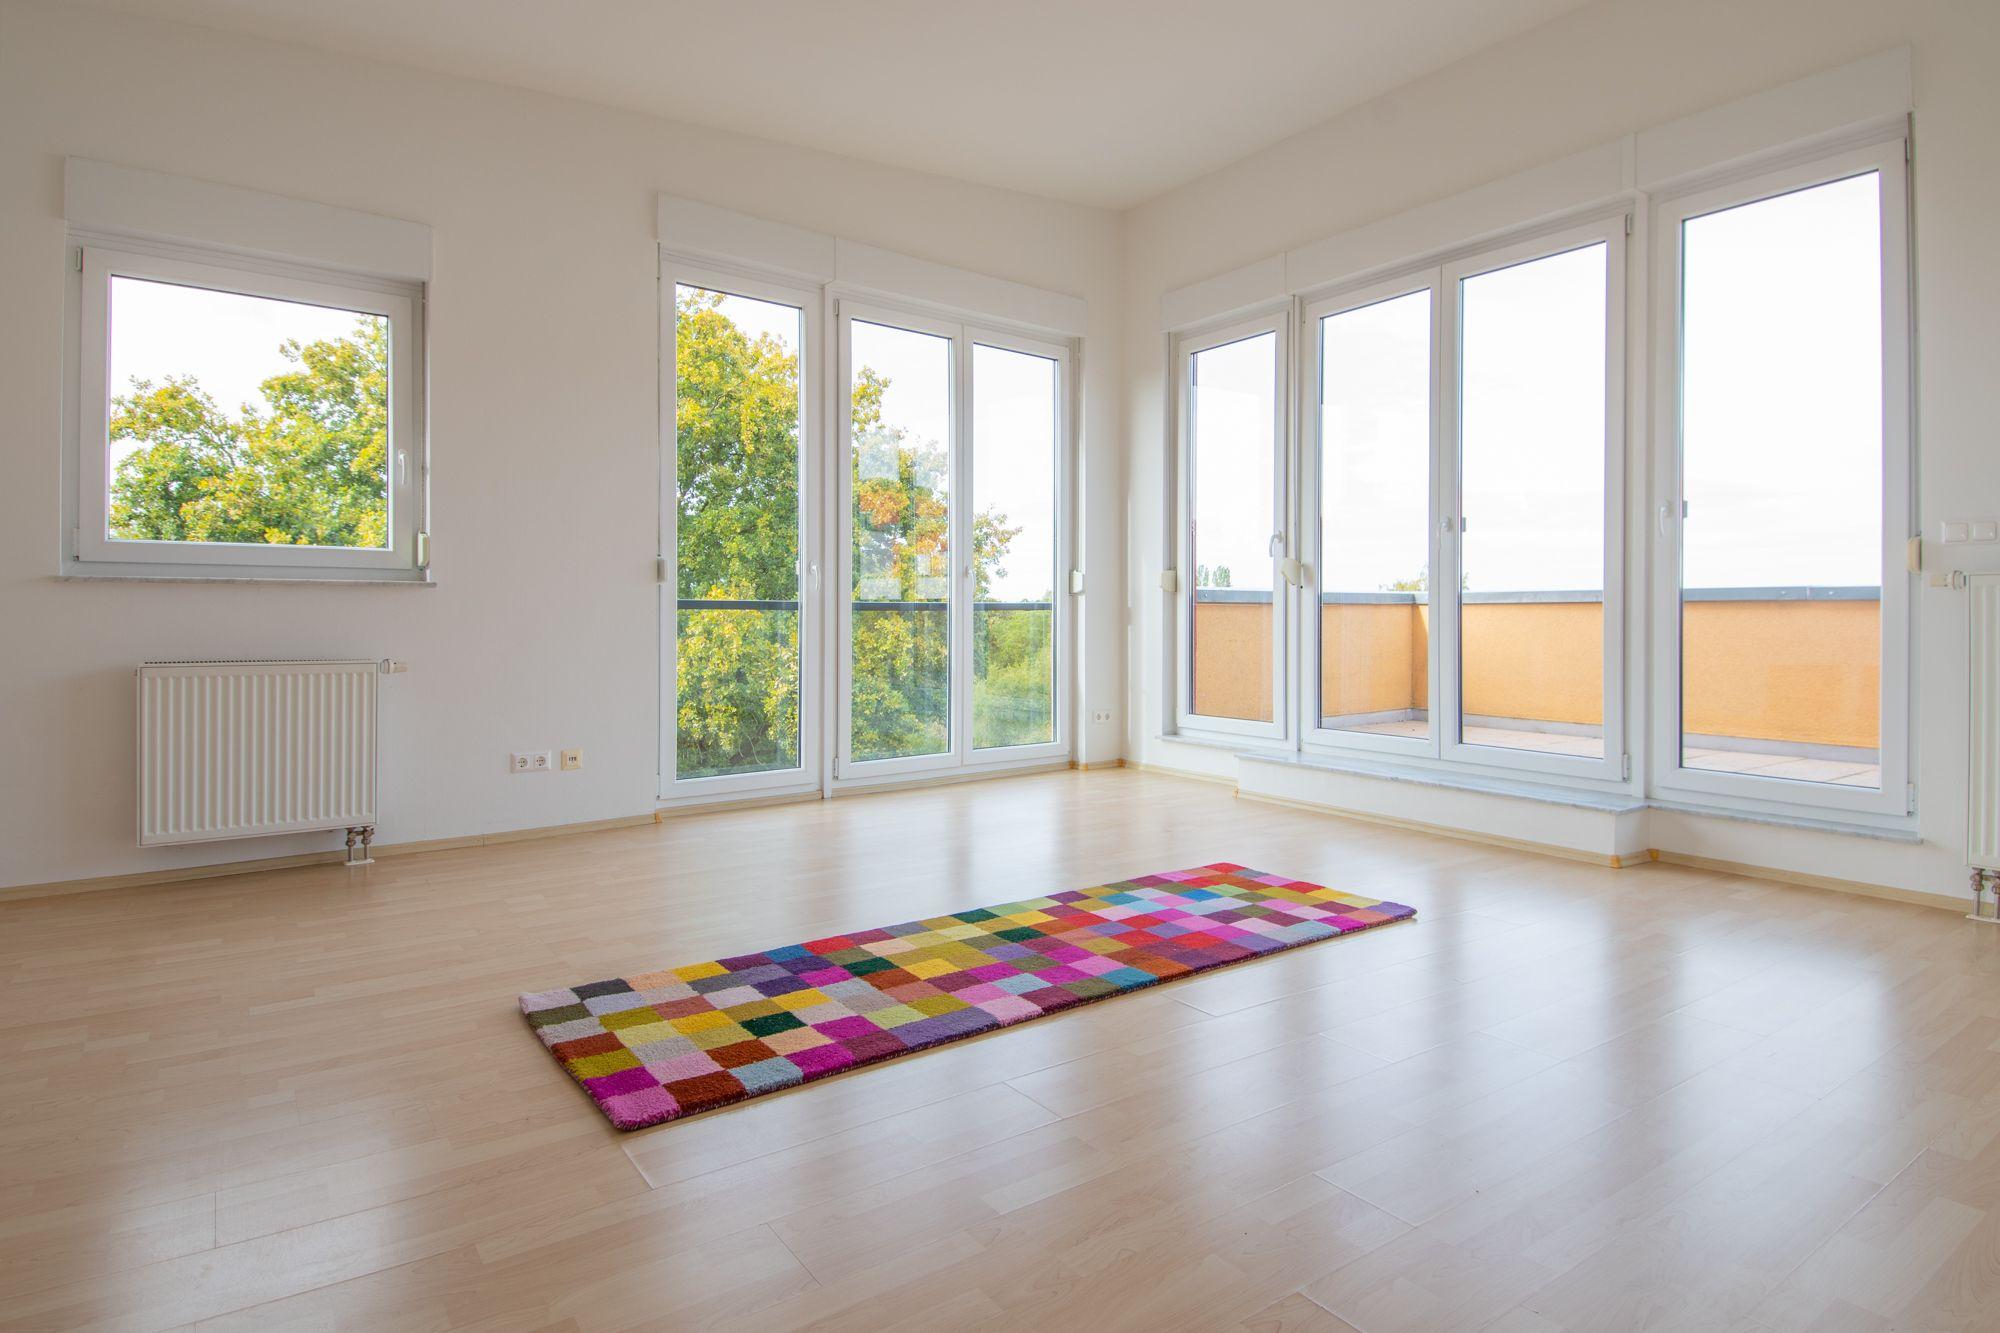 Reserviert Penthousewohnung In Langen Wohnung Immobilien Langen Penthouse Select Reserviert New York Penthouse Penthouse Immobilien